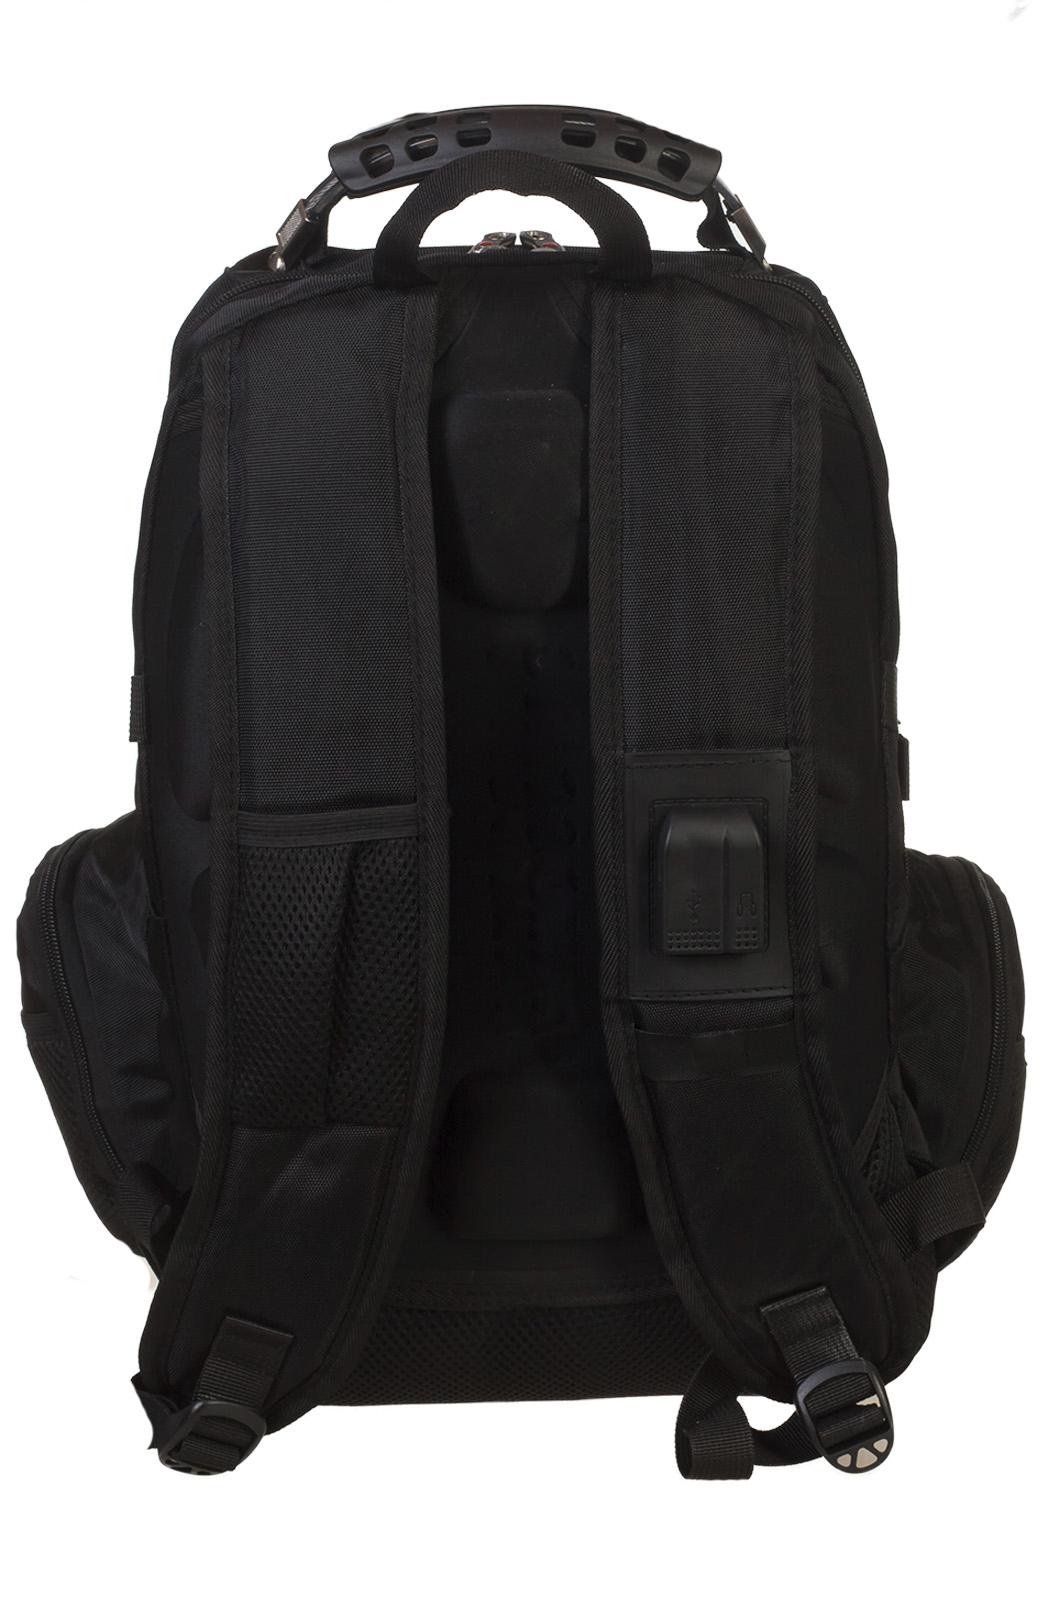 Зачетный вместительный рюкзак с нашивкой Слава Руси - купить оптом